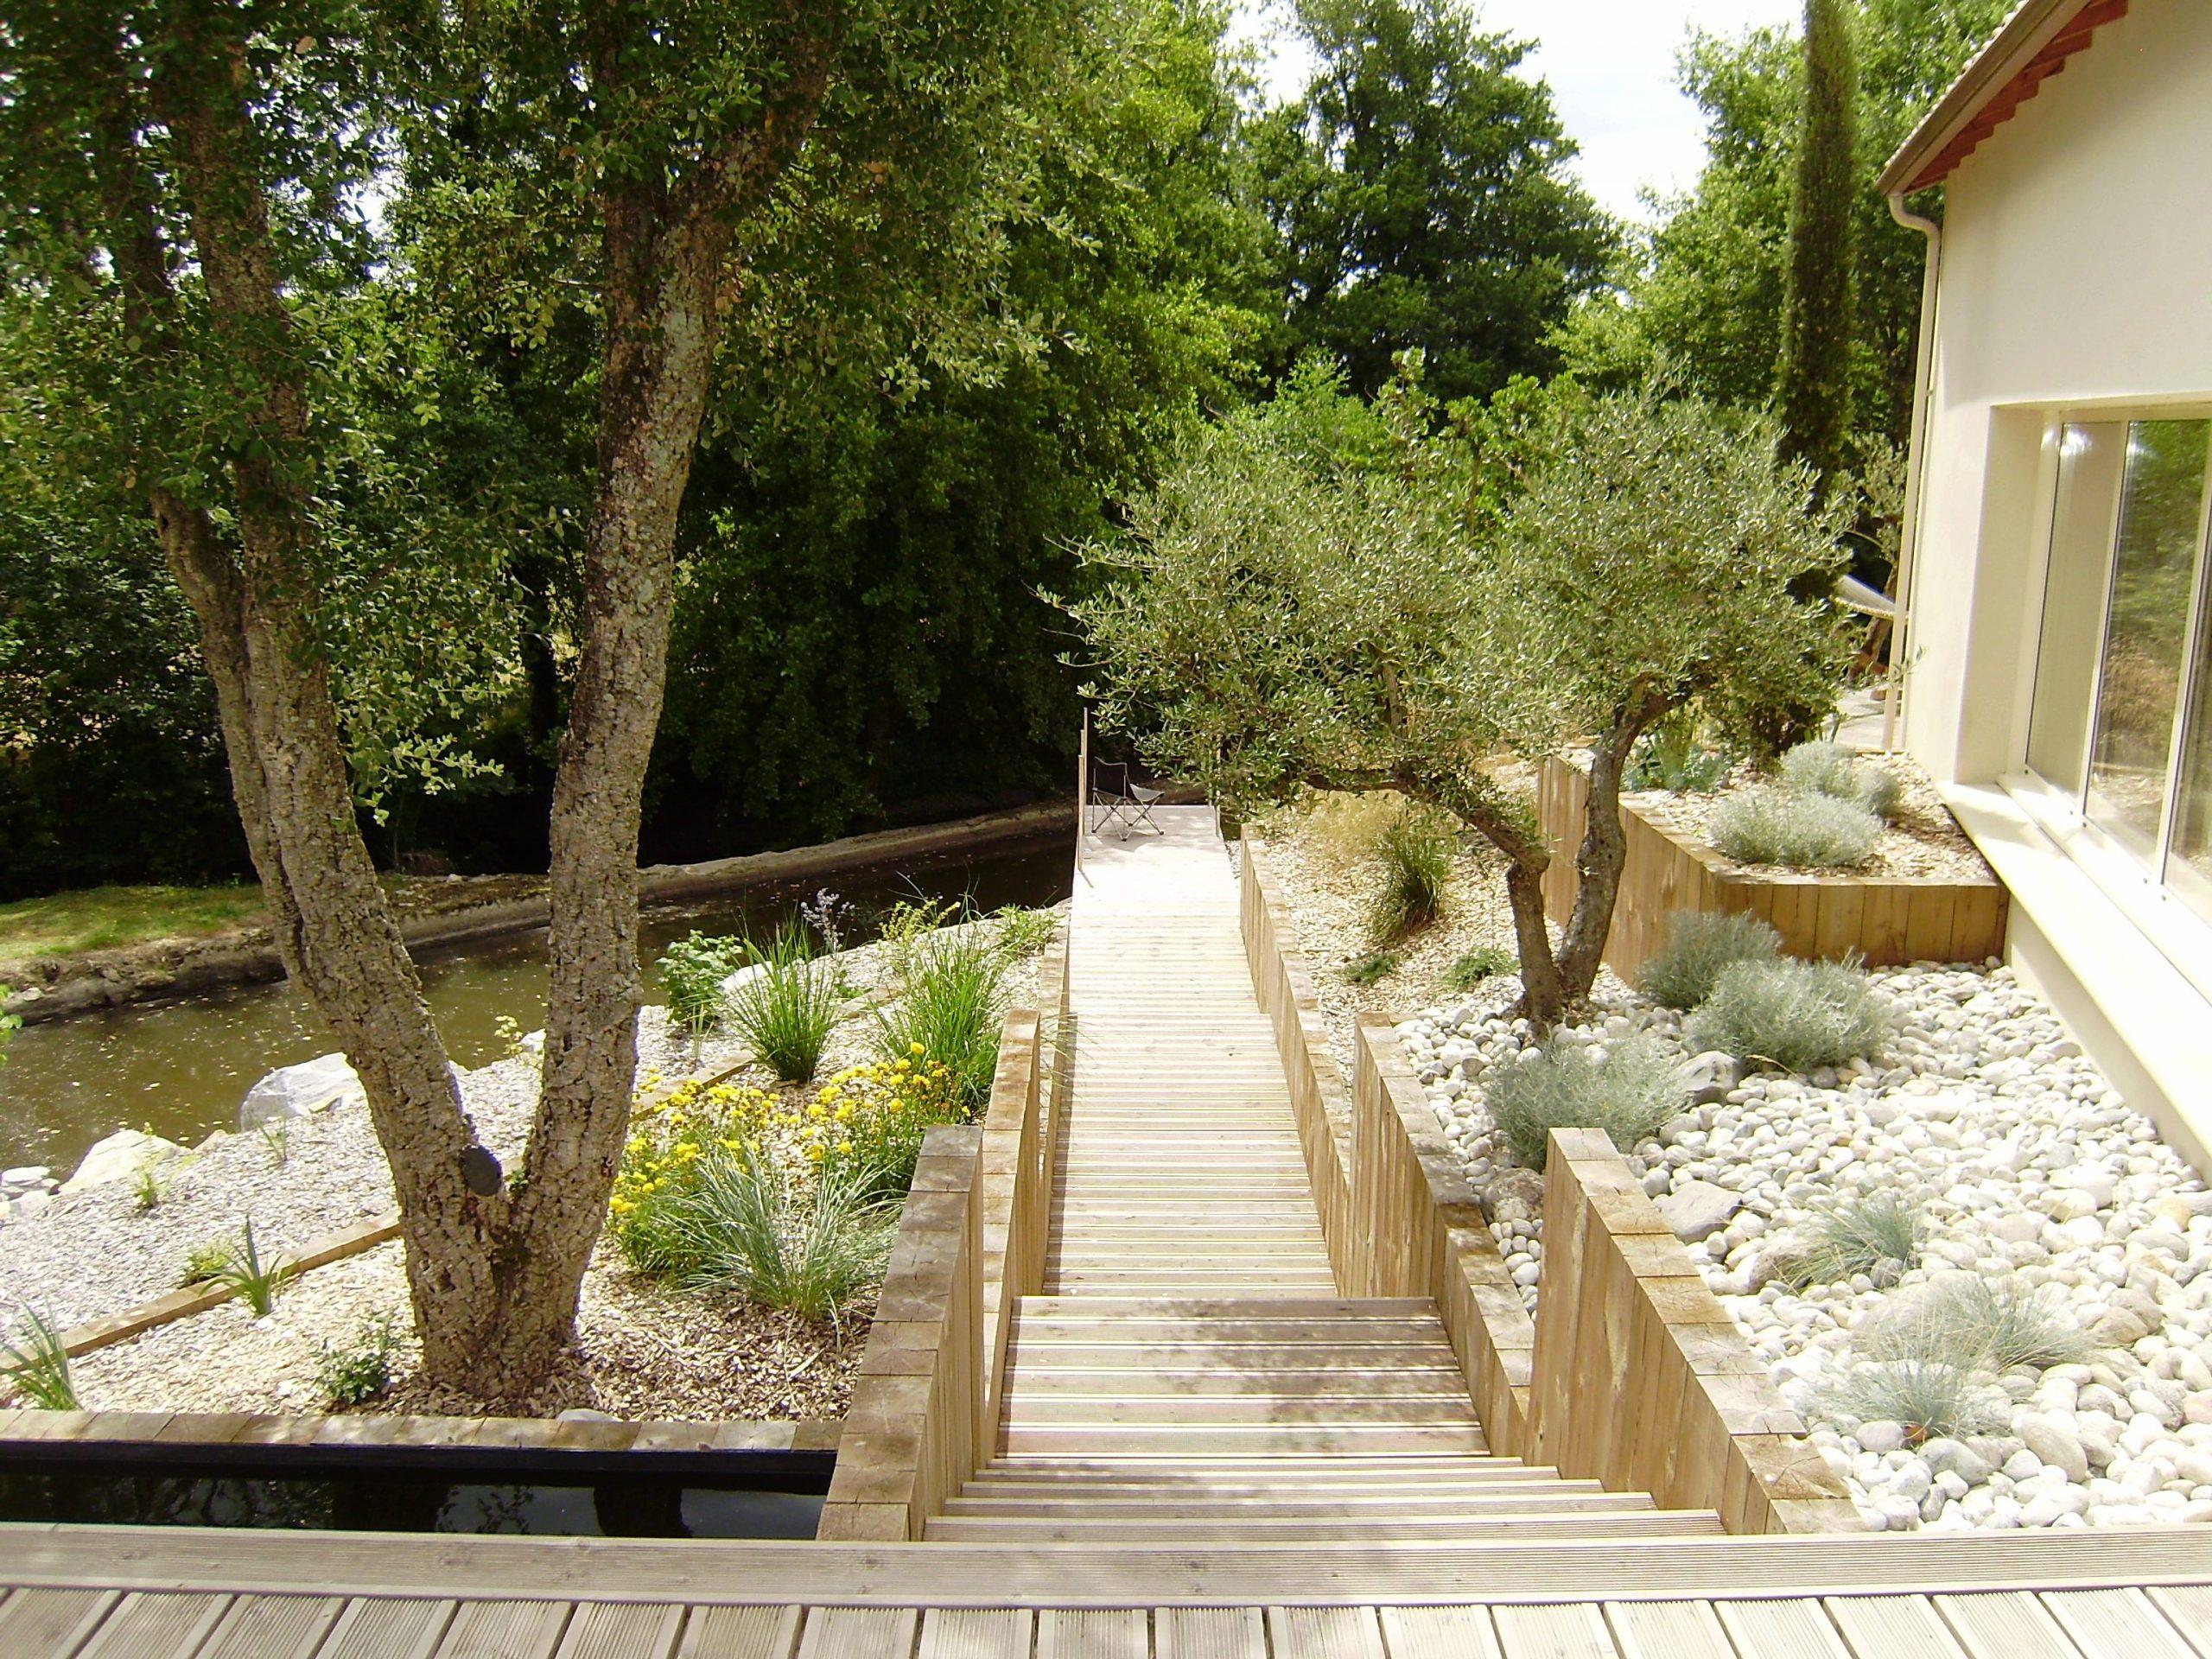 Idées D'aménagement De Jardin Moderne - Le Blog D'i Love ... concernant Modele De Jardin Avec Galets